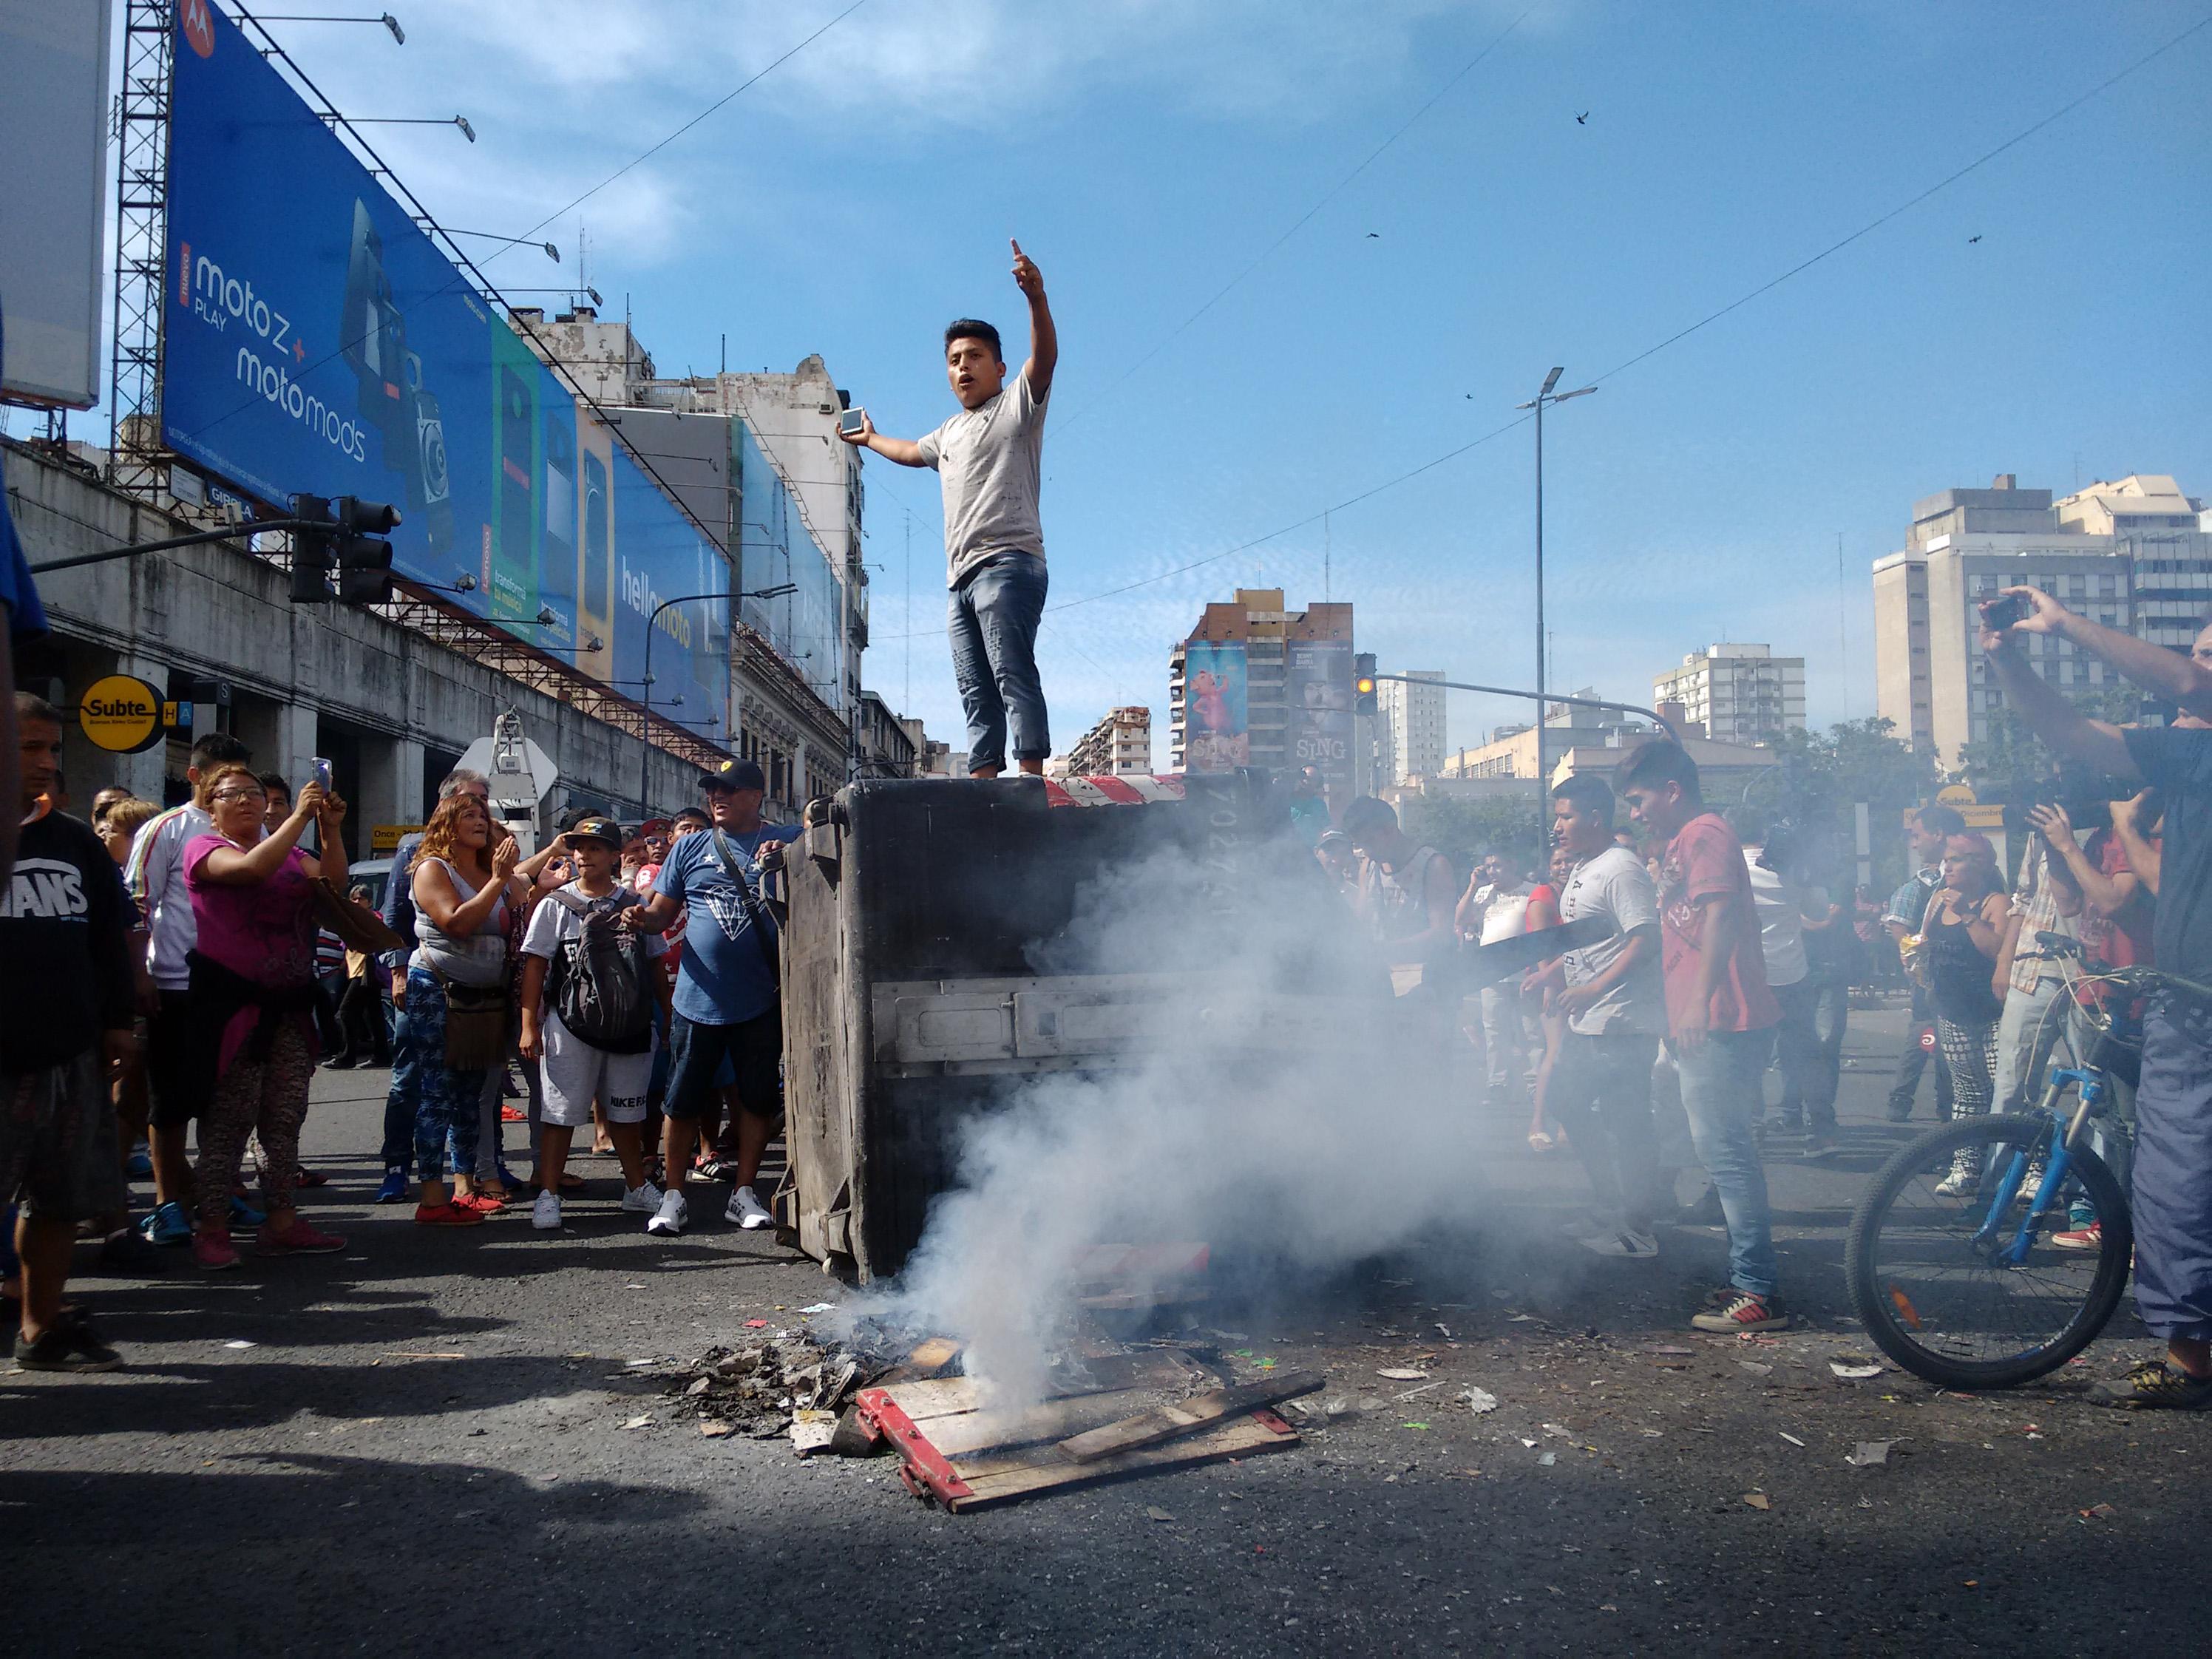 DYN10, BUENOS AIRES, 10/01/2017, MANTEROS DEL BARRIO DE ONCE PROTESTAN POR DESALOJO. FOTO:DYN/ALBERTO RAGGIO.